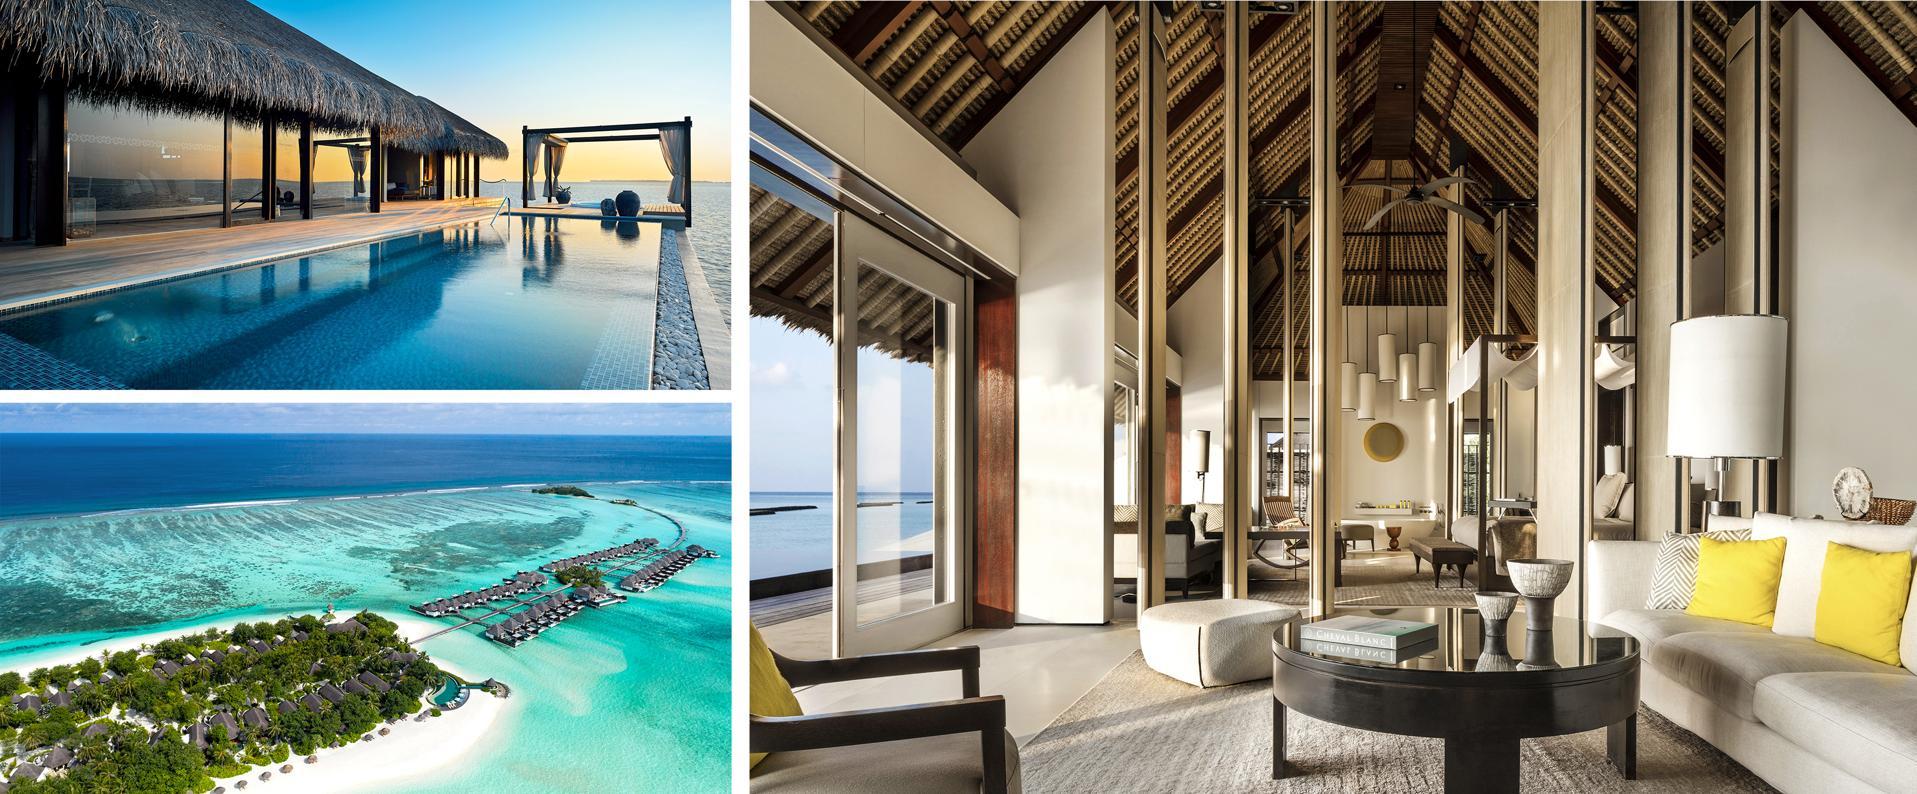 D'Antigua à Tahiti, les nouveaux hôtels cinq étoiles du guide de voyage Forbes pour 2020